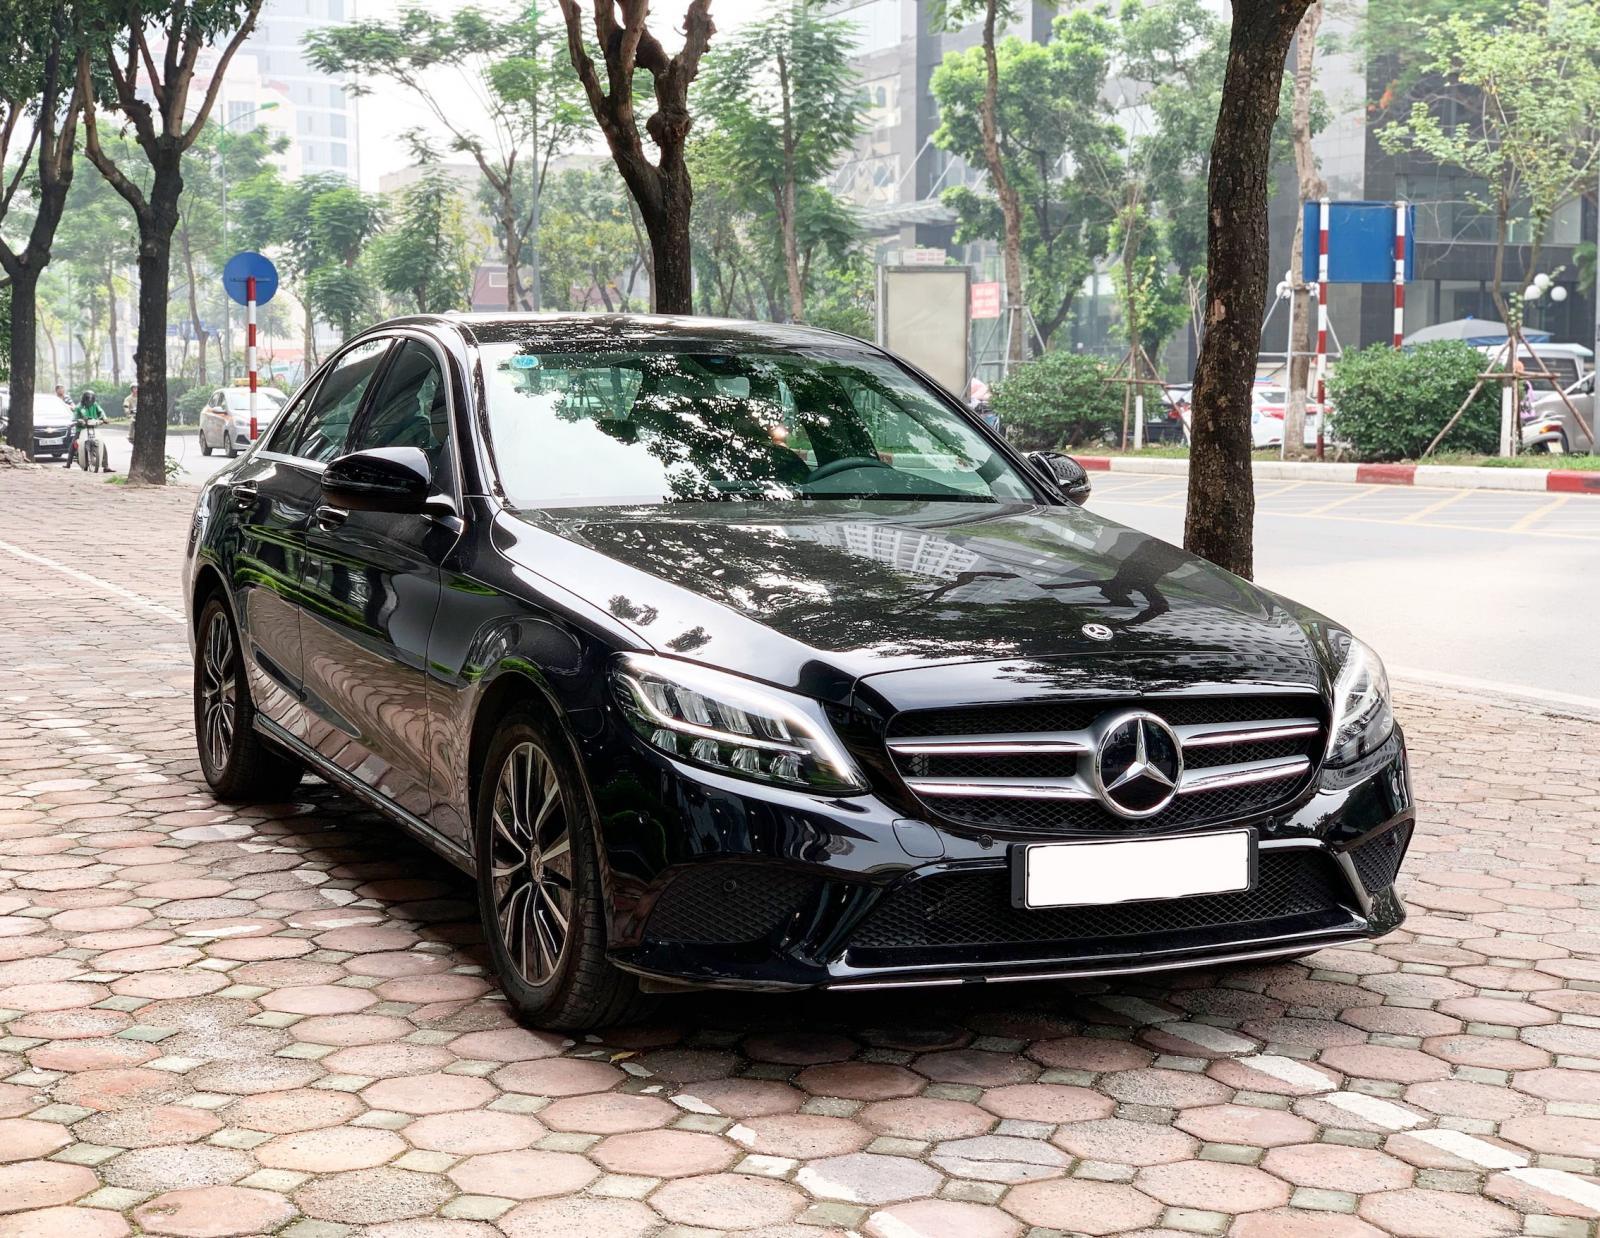 Bán Mercedes C200 2019 cũ chính chủ chạy lướt giá cực tốt